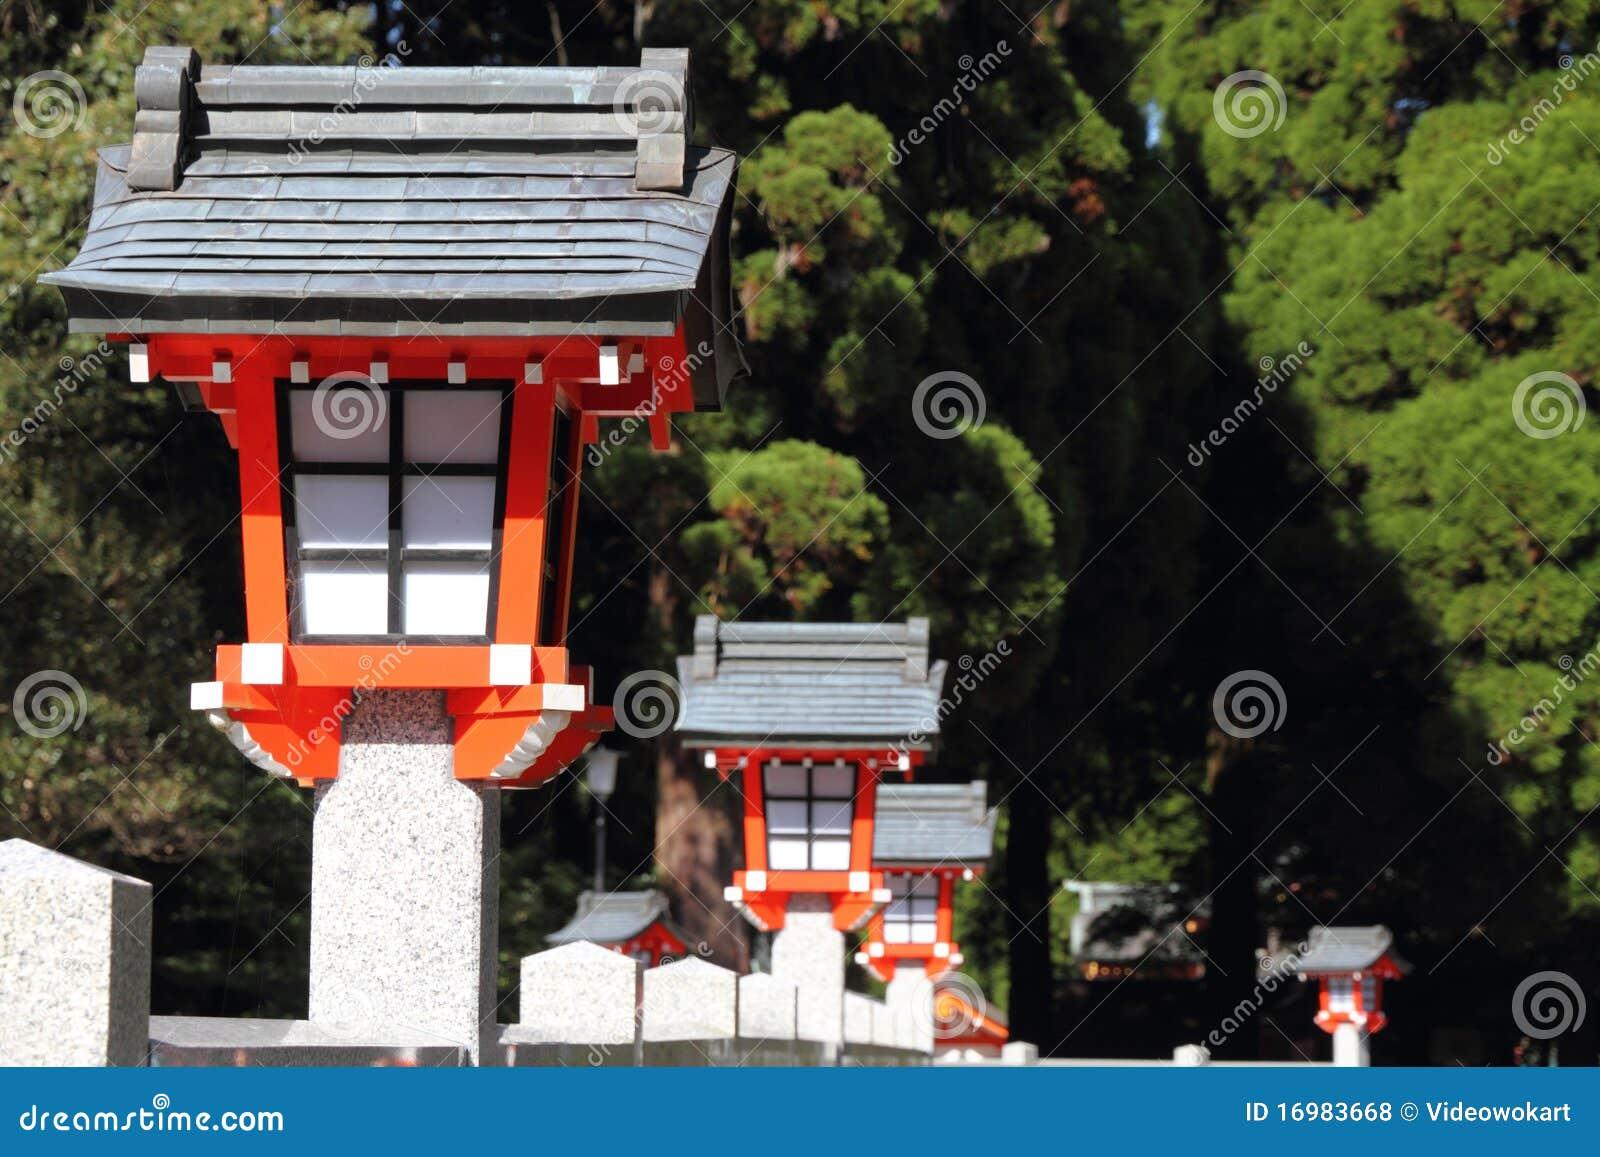 Japanische laternen lizenzfreie stockfotos bild 16983668 - Traditionelle japanische architektur ...